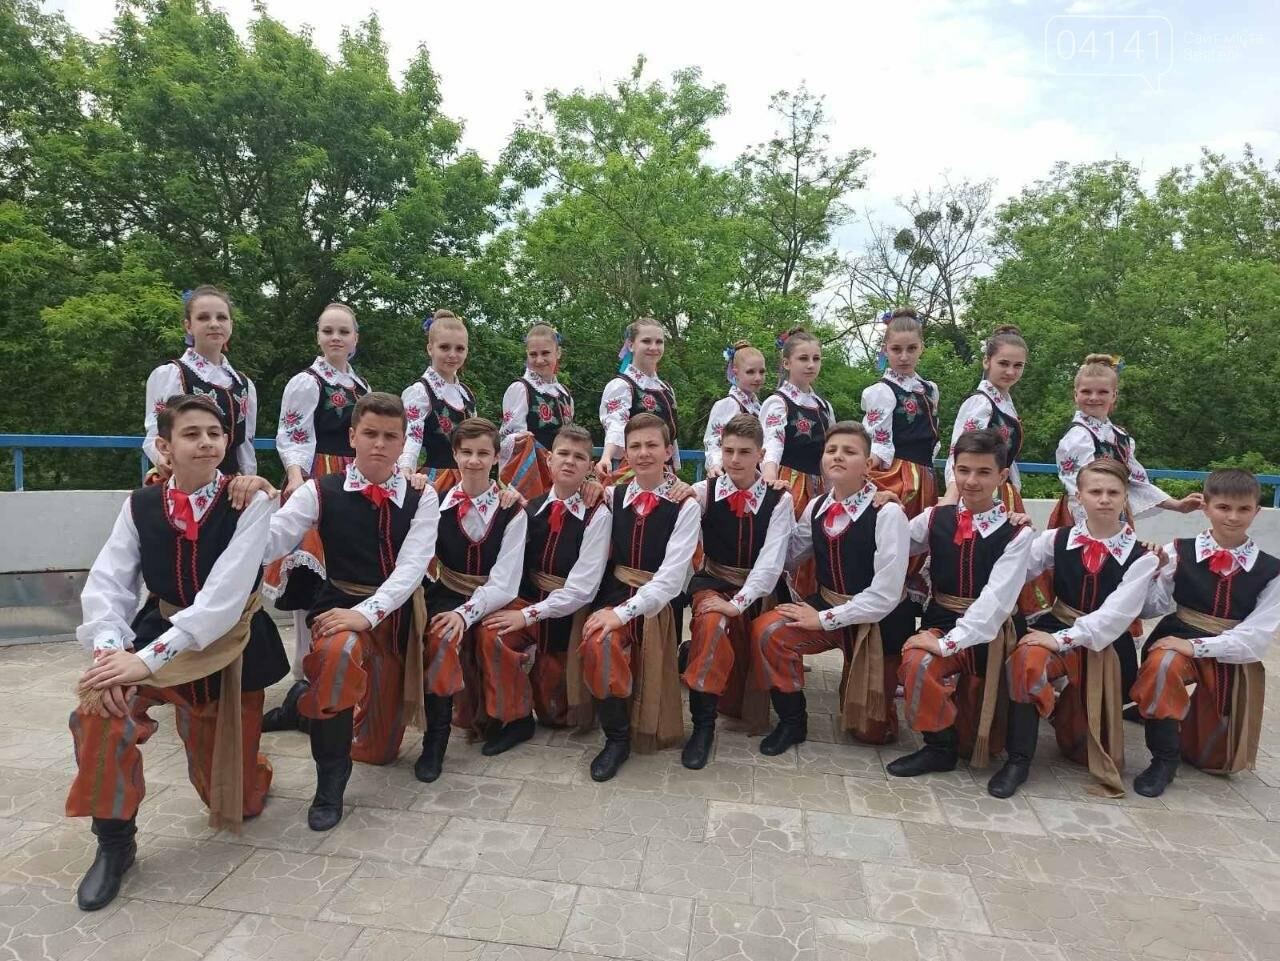 Зразковий ансамбль бального танцю «Грація» здобув чергову перемогу та вкотре прославив рідне місто., фото-1